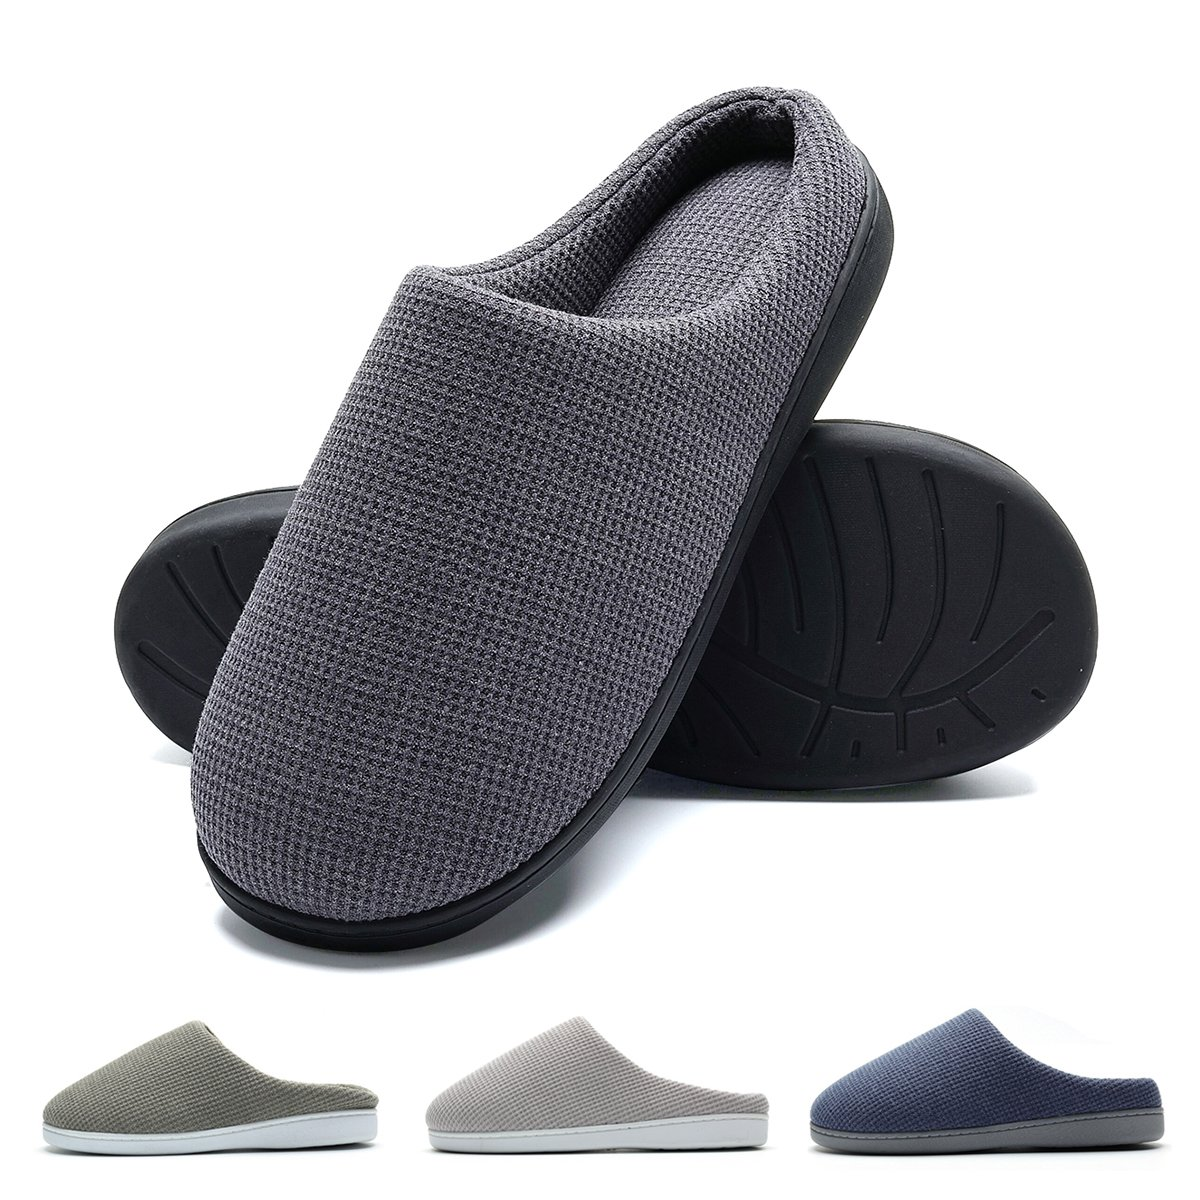 TALLA 40/41 EU X-Ancho. Zapatillas de casa de Hombre, Ultraligero cómodo y Antideslizante, Zapatilla de Estar por casa para Hombre